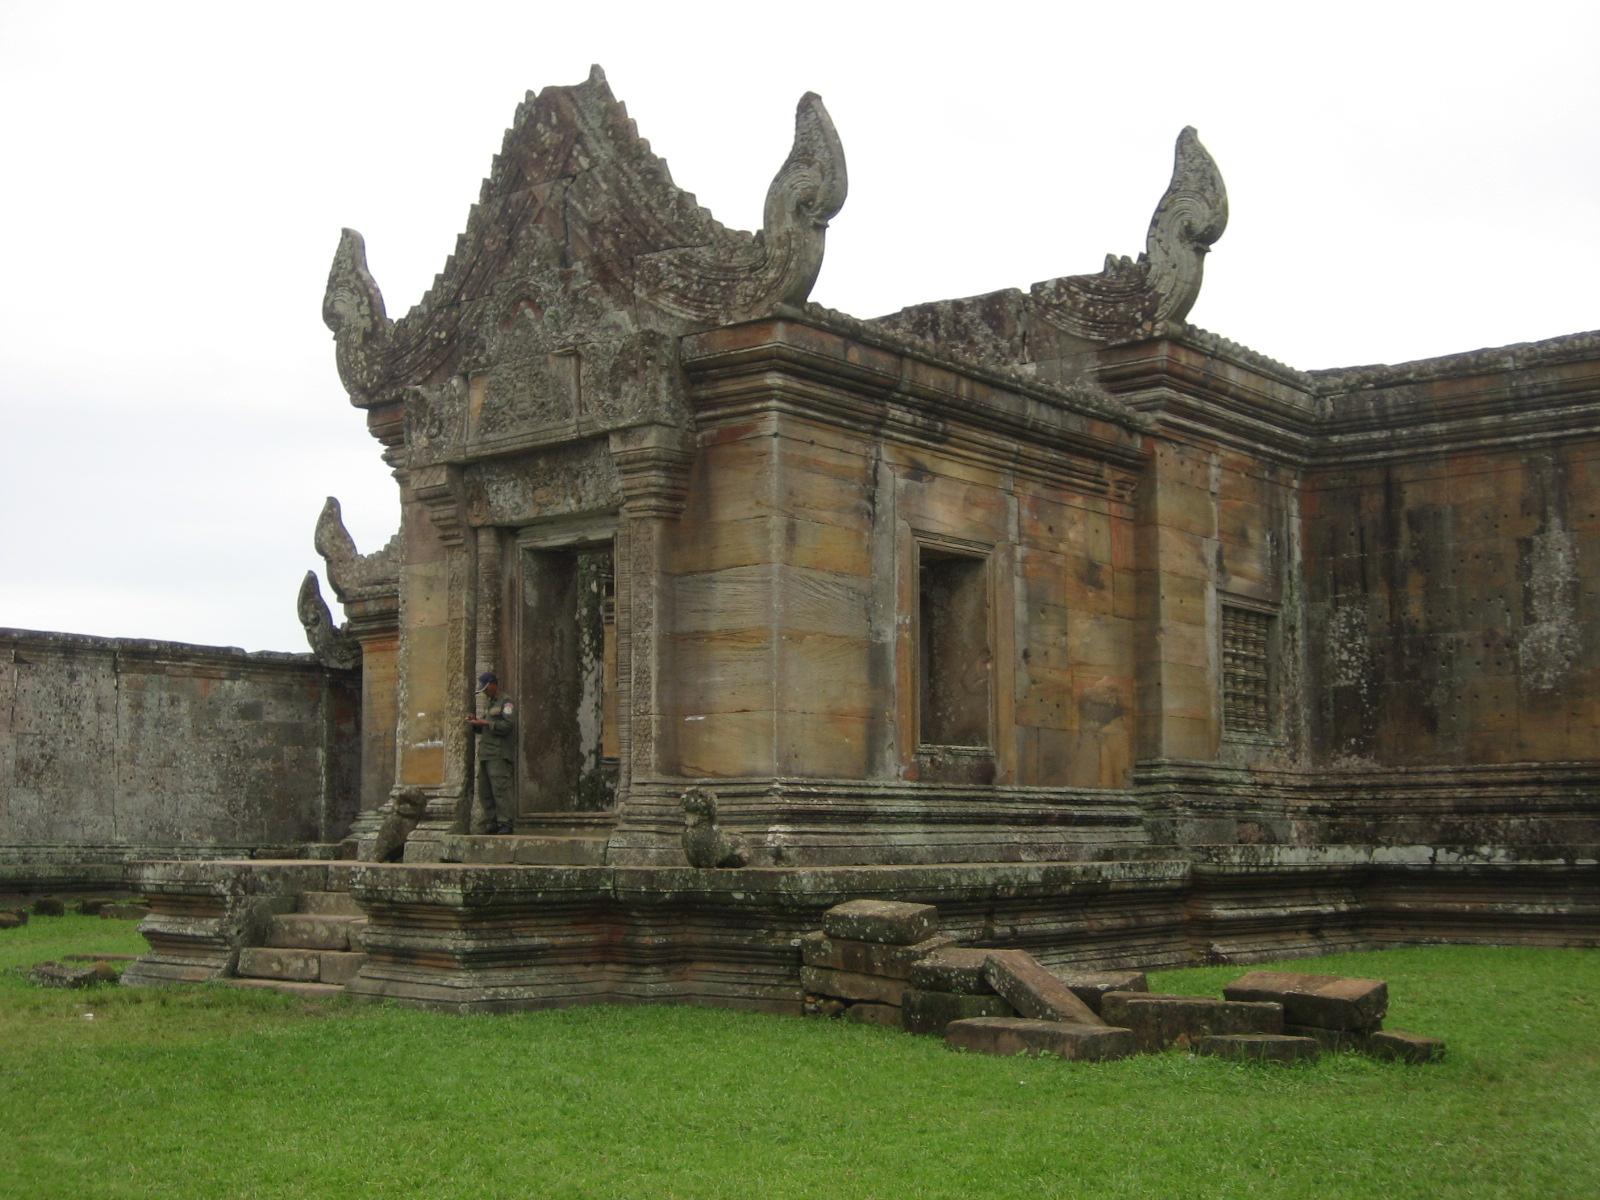 カンボジアの世界遺産!美しくて感動するカンボジアの絶景まとめ